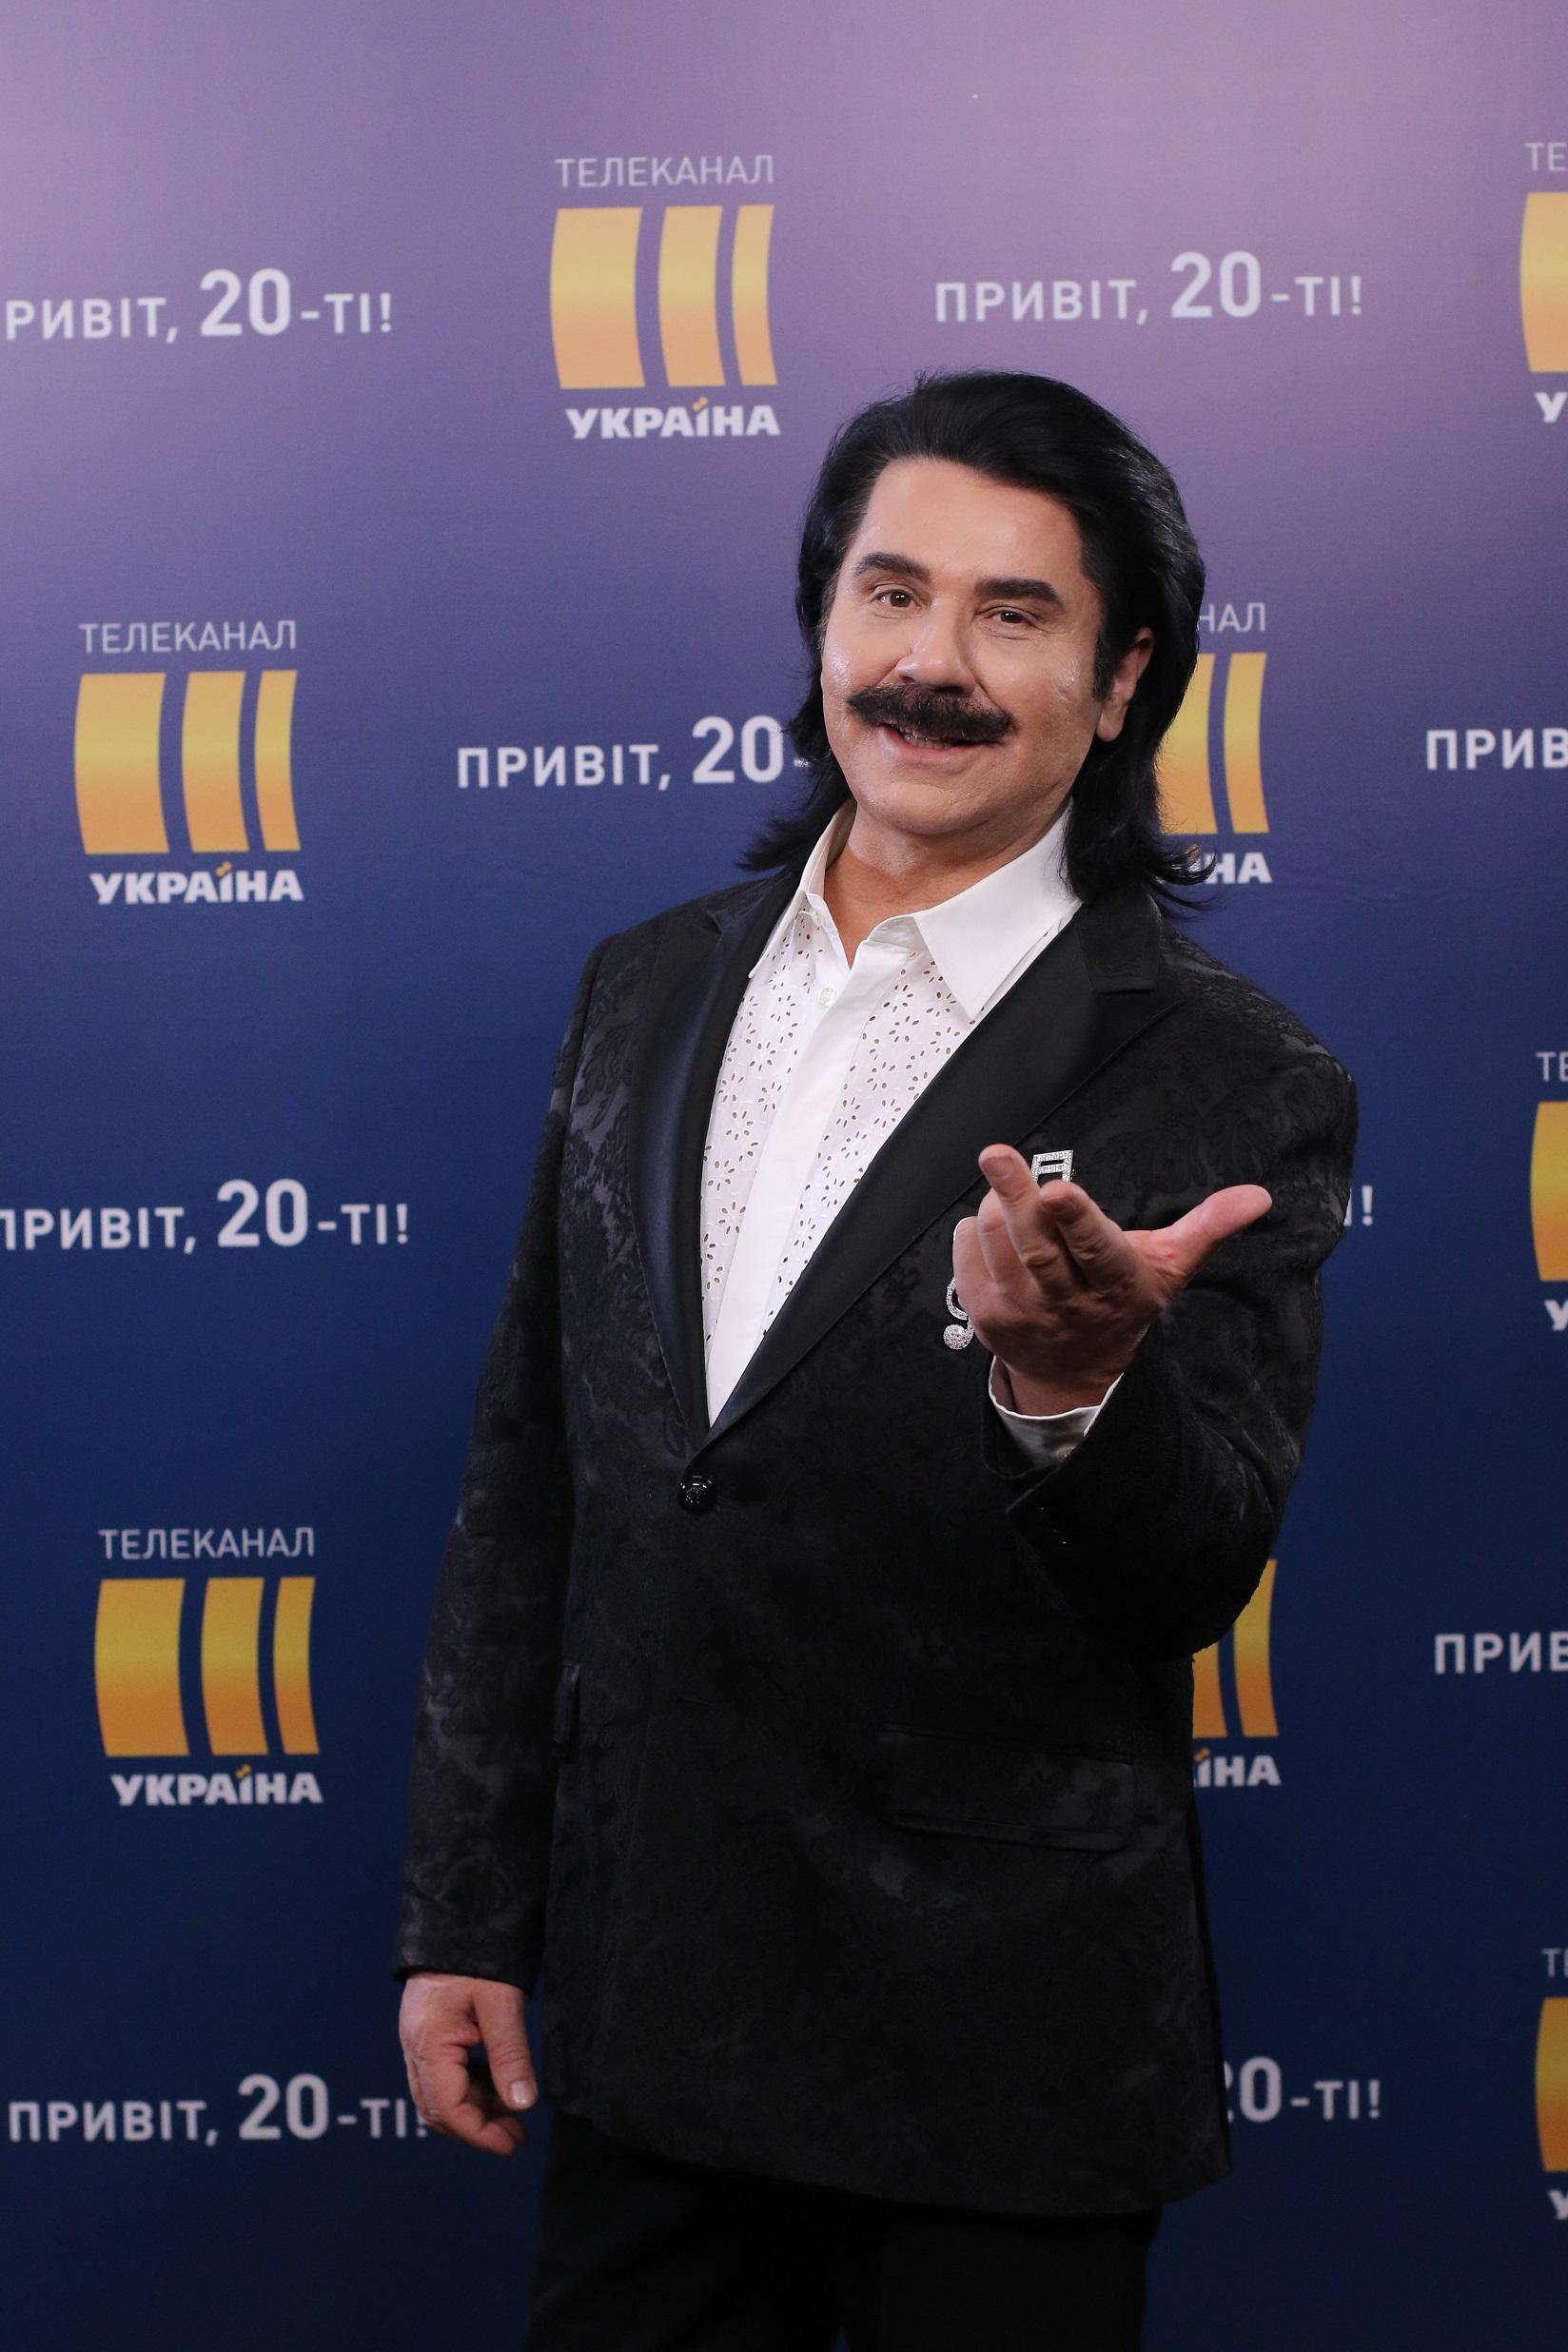 Павел Зибров рассказал, для кого зарабатывает деньги